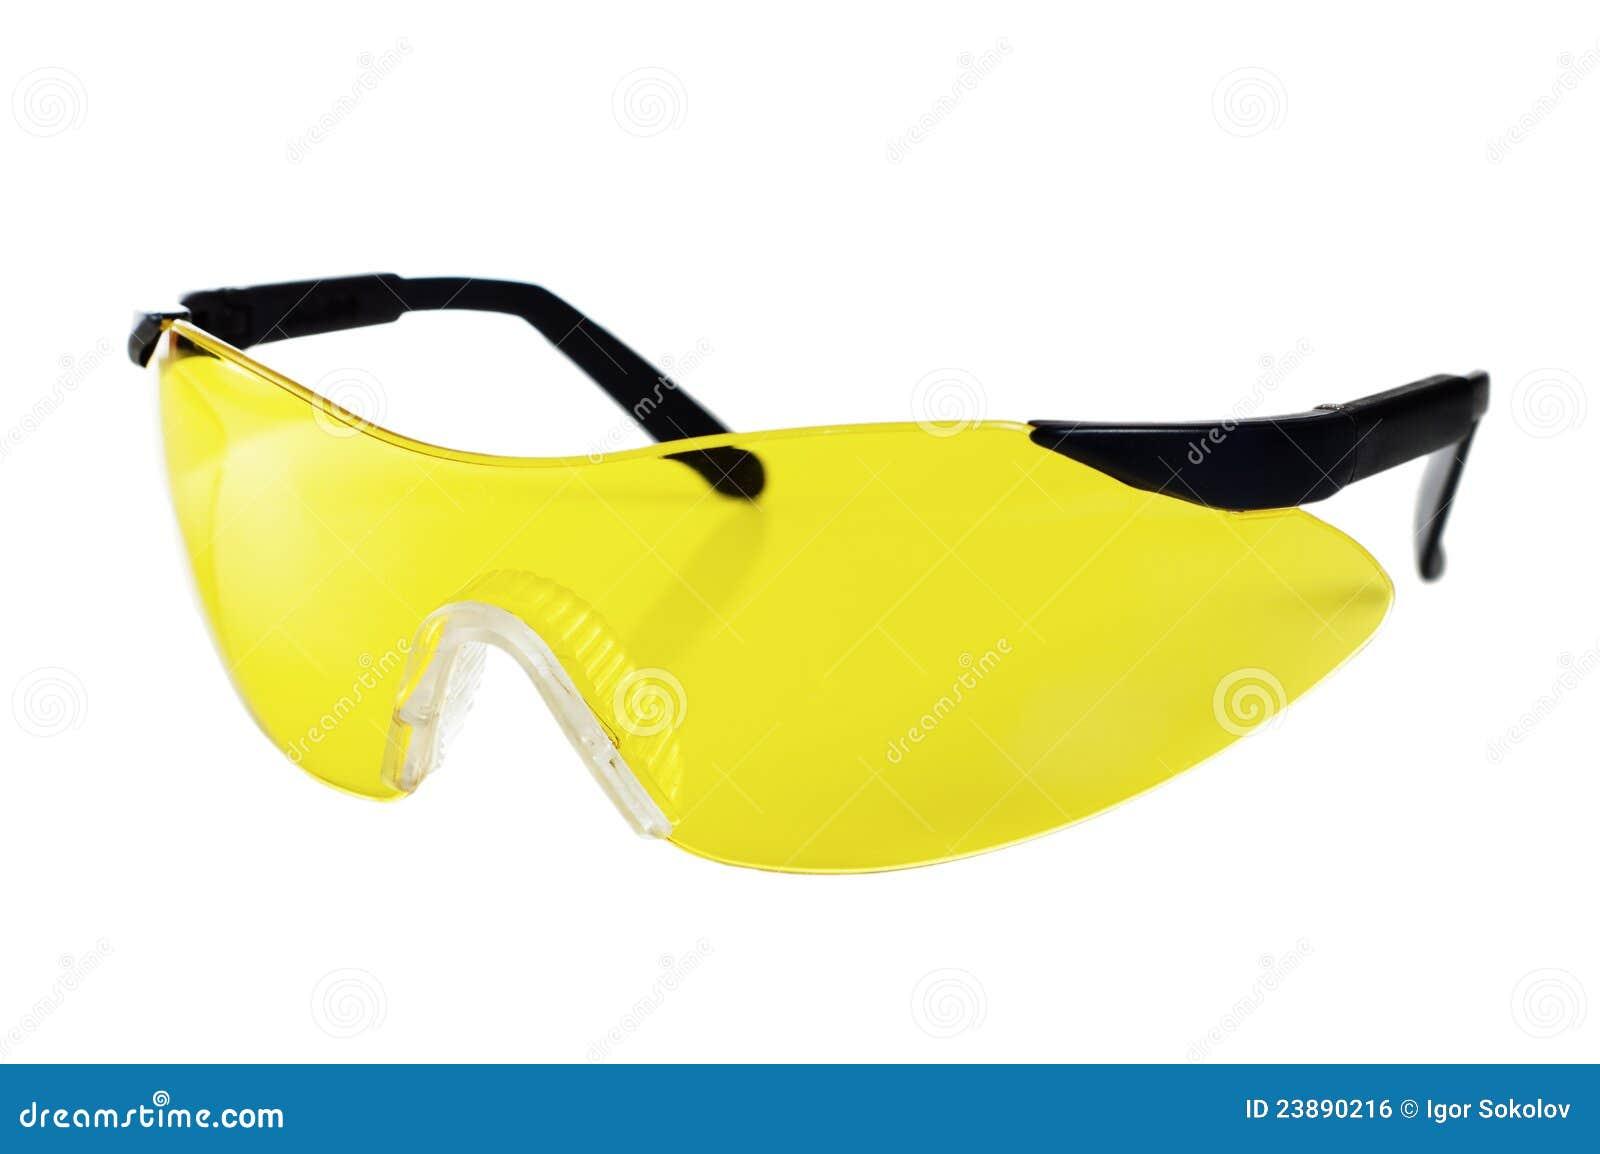 7a58ec9bdc2ca Óculos De Proteção De Trabalho Amarelos Foto de Stock - Imagem de ...